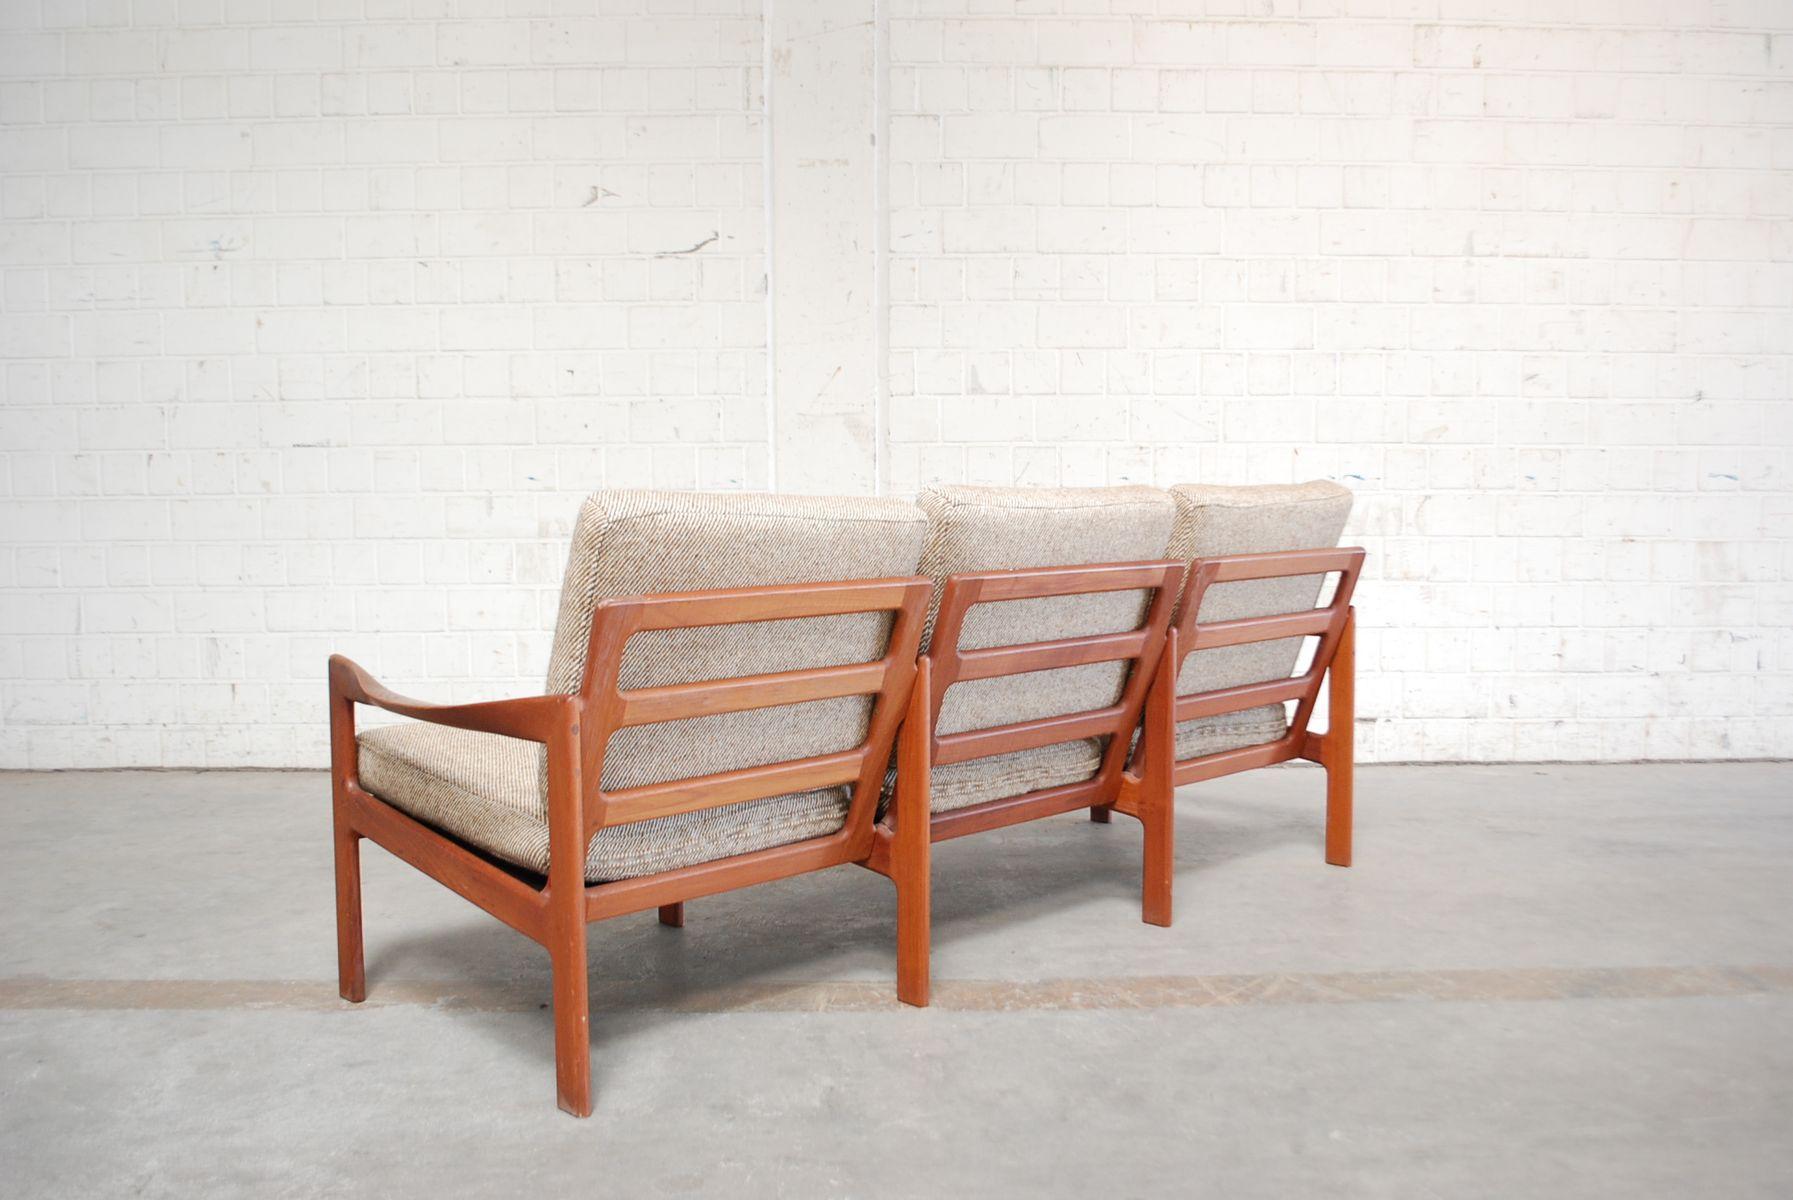 Erfreut Seats And Sofas Berlin Marzahn Bilder - Die Designideen für ...